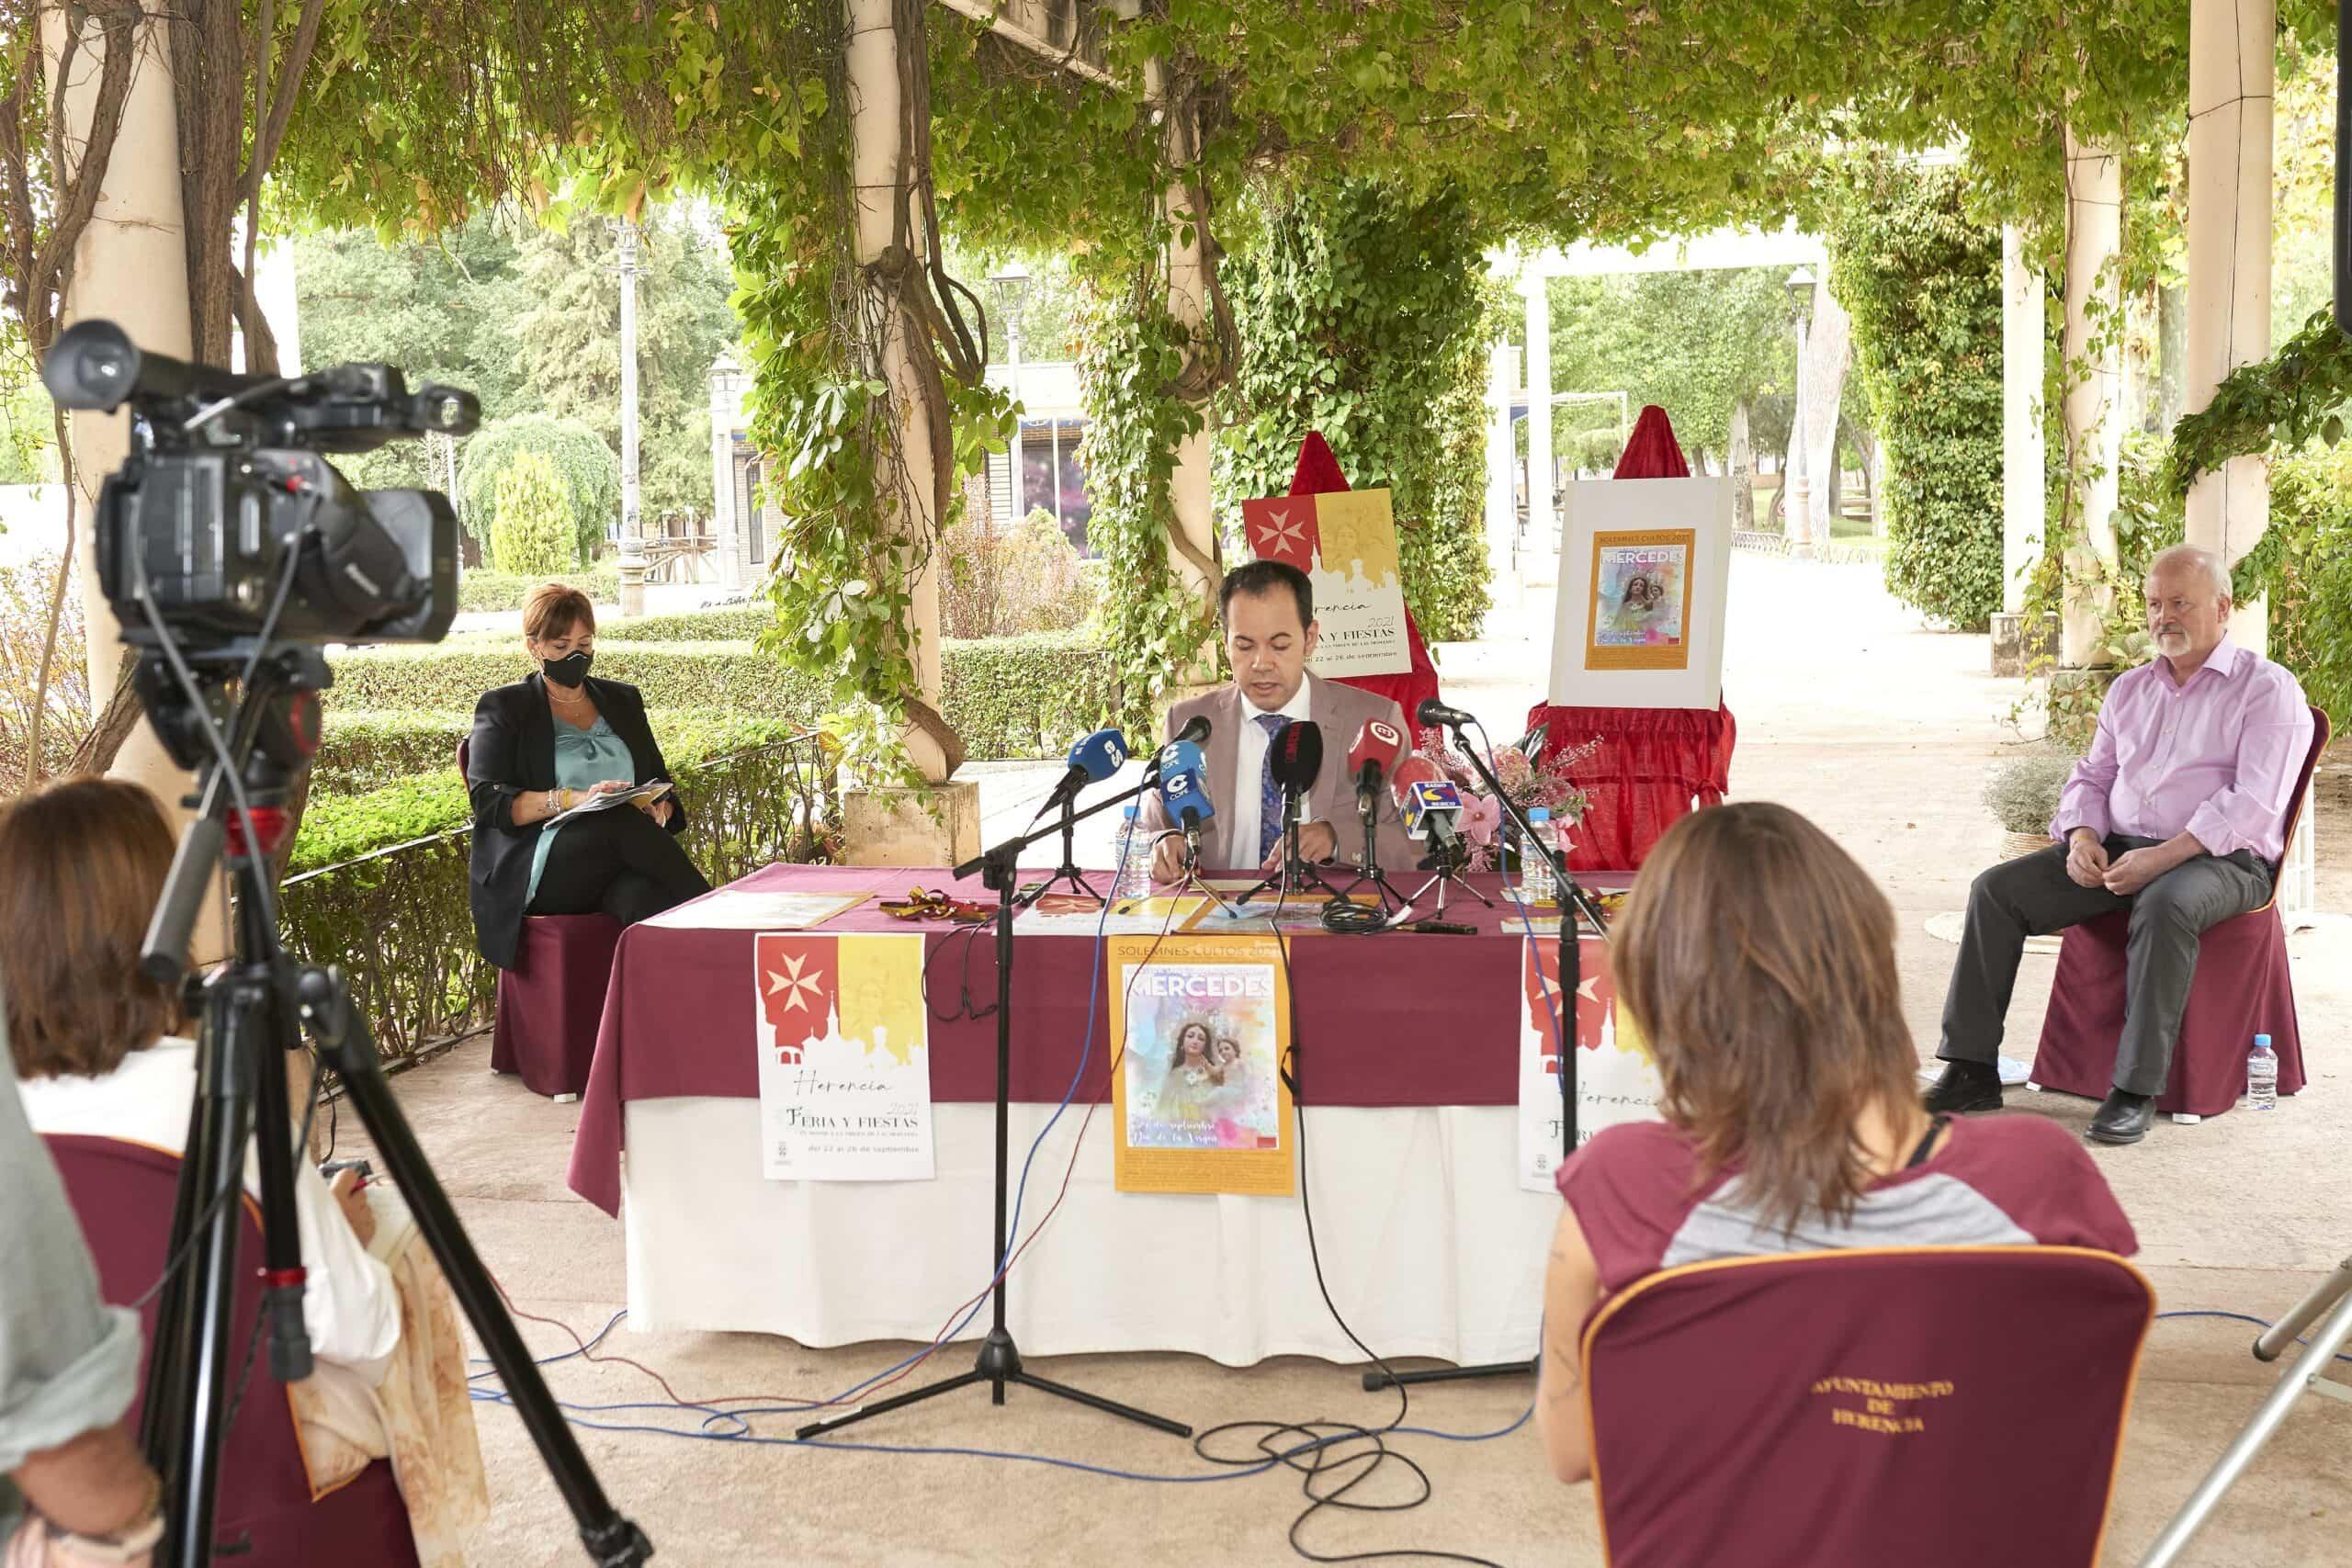 Herencia anuncia con ilusión la celebración de sus Fiestas adaptando todos los actos a la situación sanitaria 5